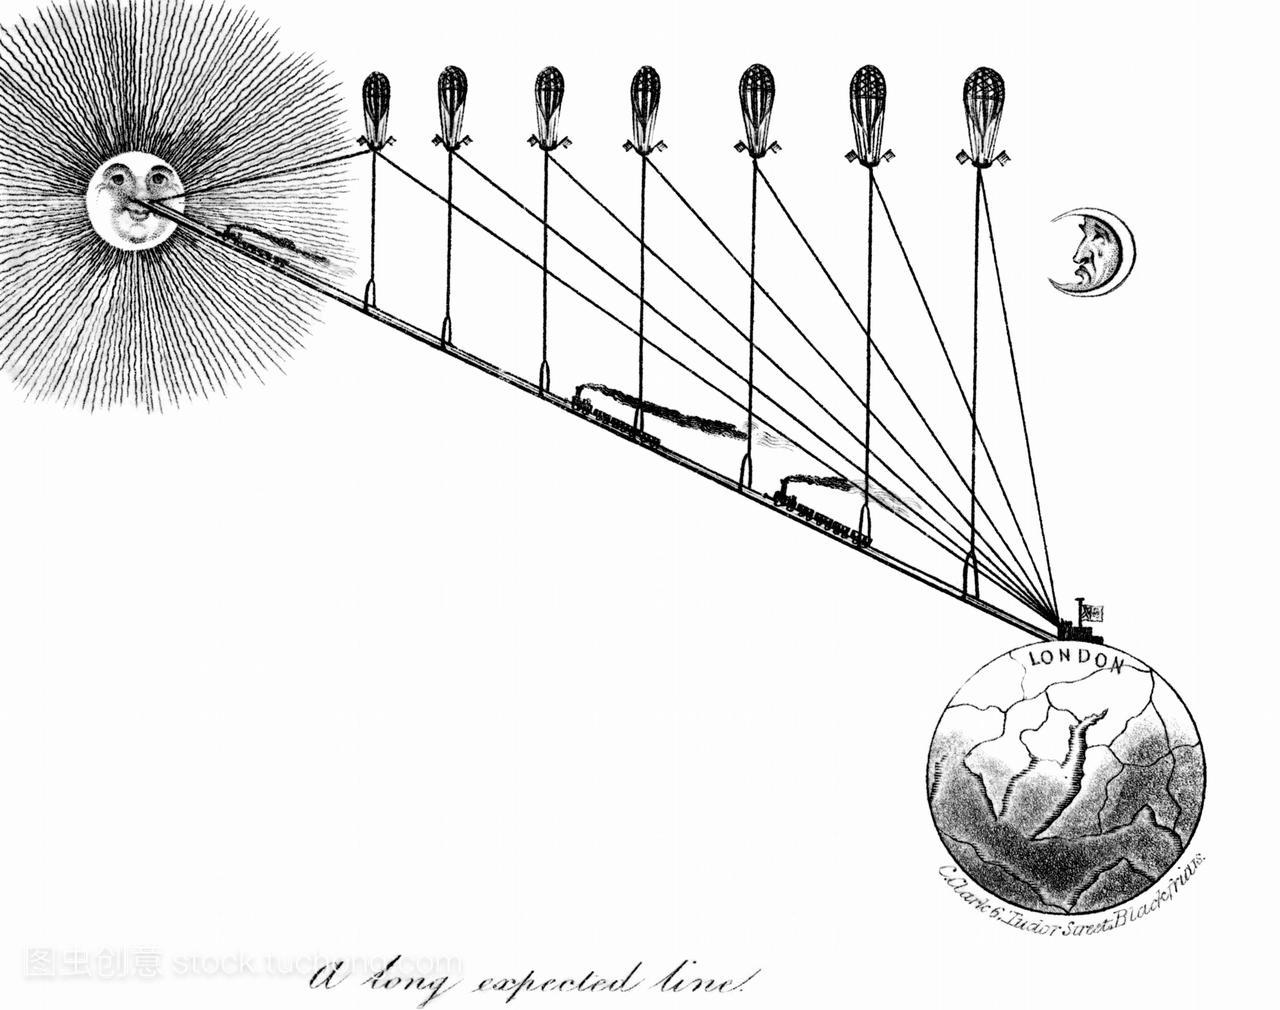 一条通往铁路的漫画。英国的漫画v铁路了19世太阳簪中寻图片